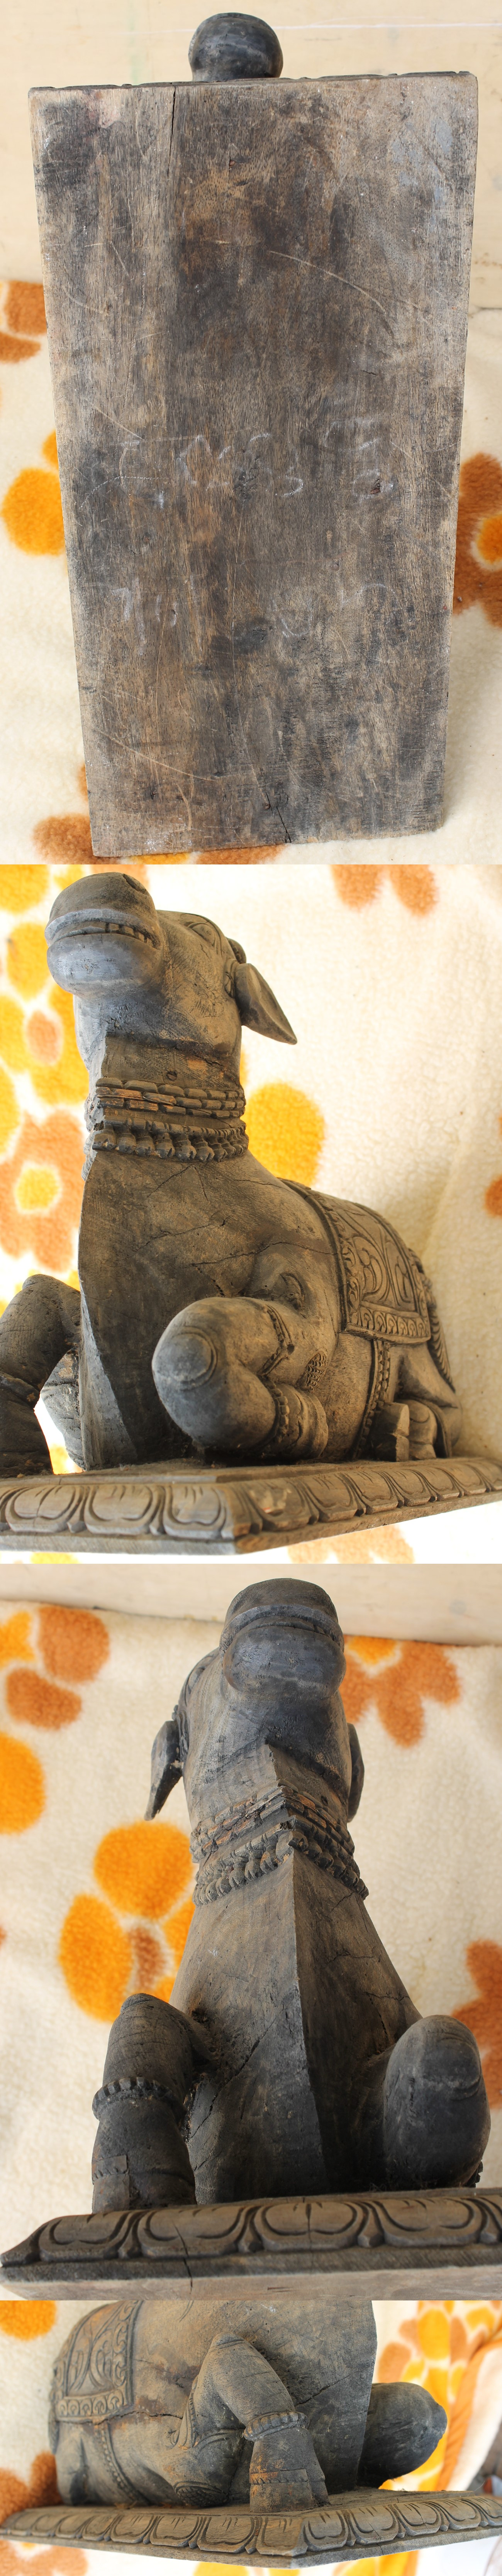 インド木彫り4